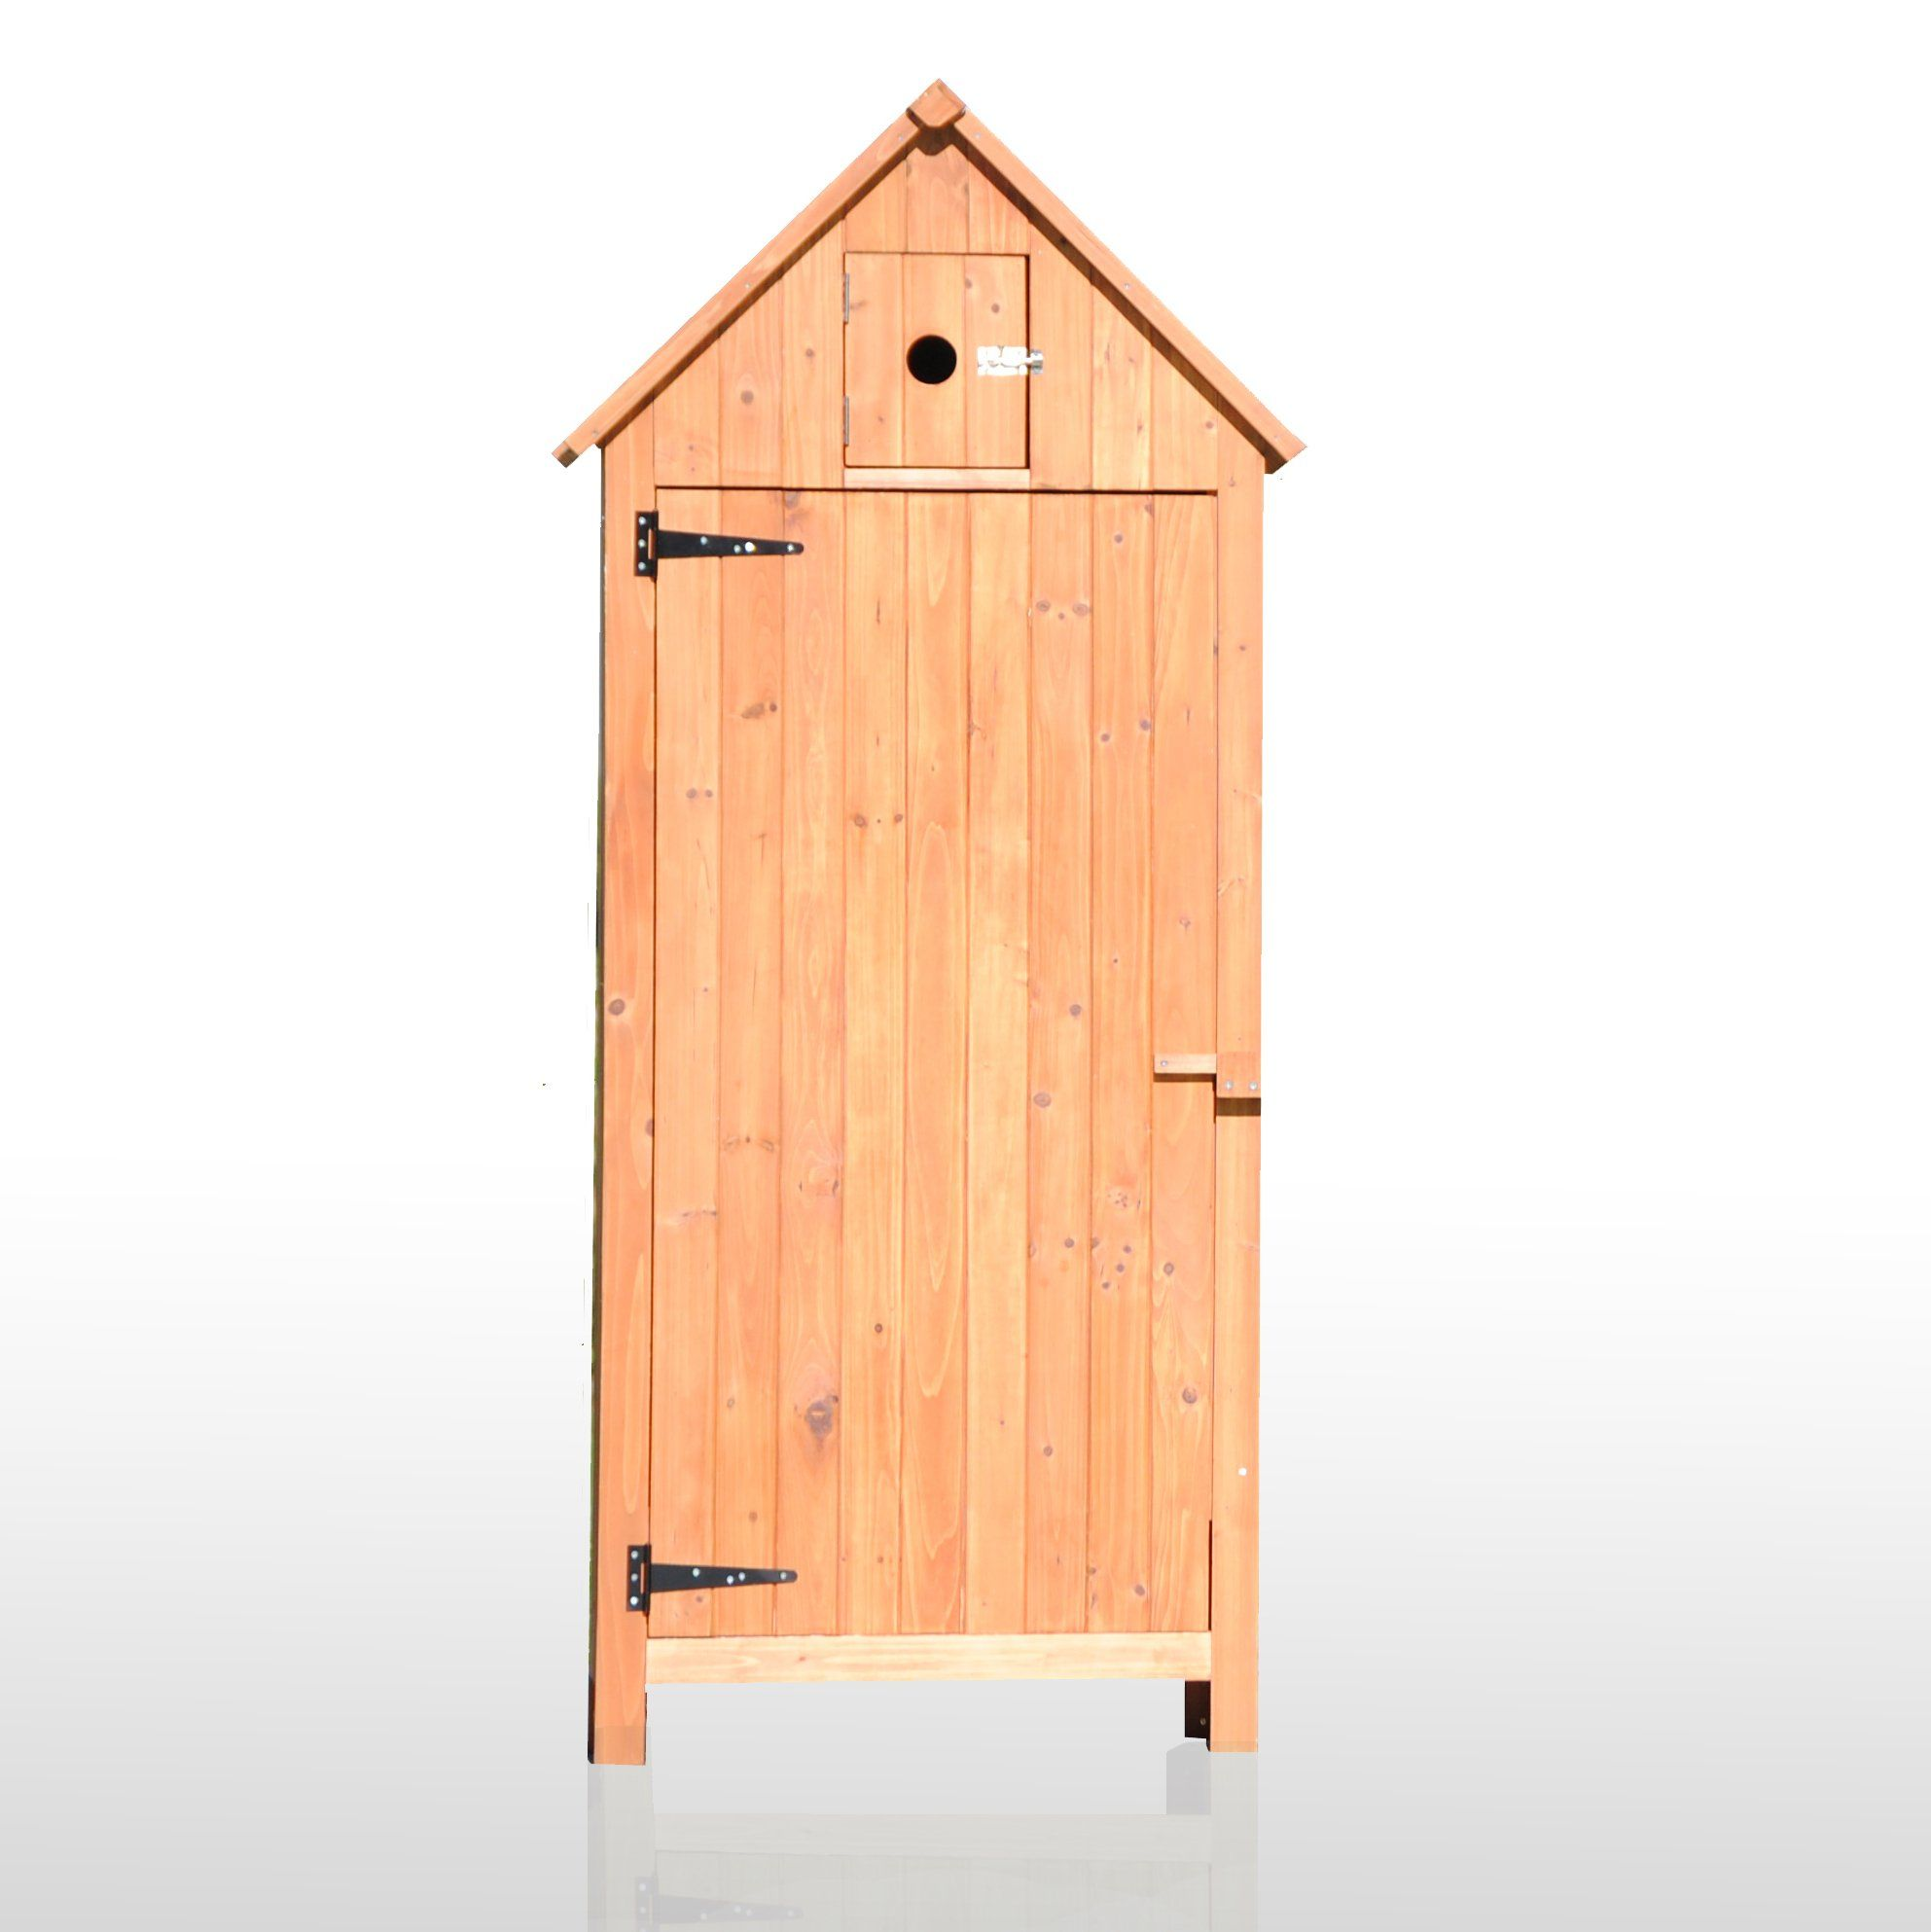 armoire exterieur de rangement pour terrasse jardin piscine en bois 77x54x179 cm birdo par jarsya